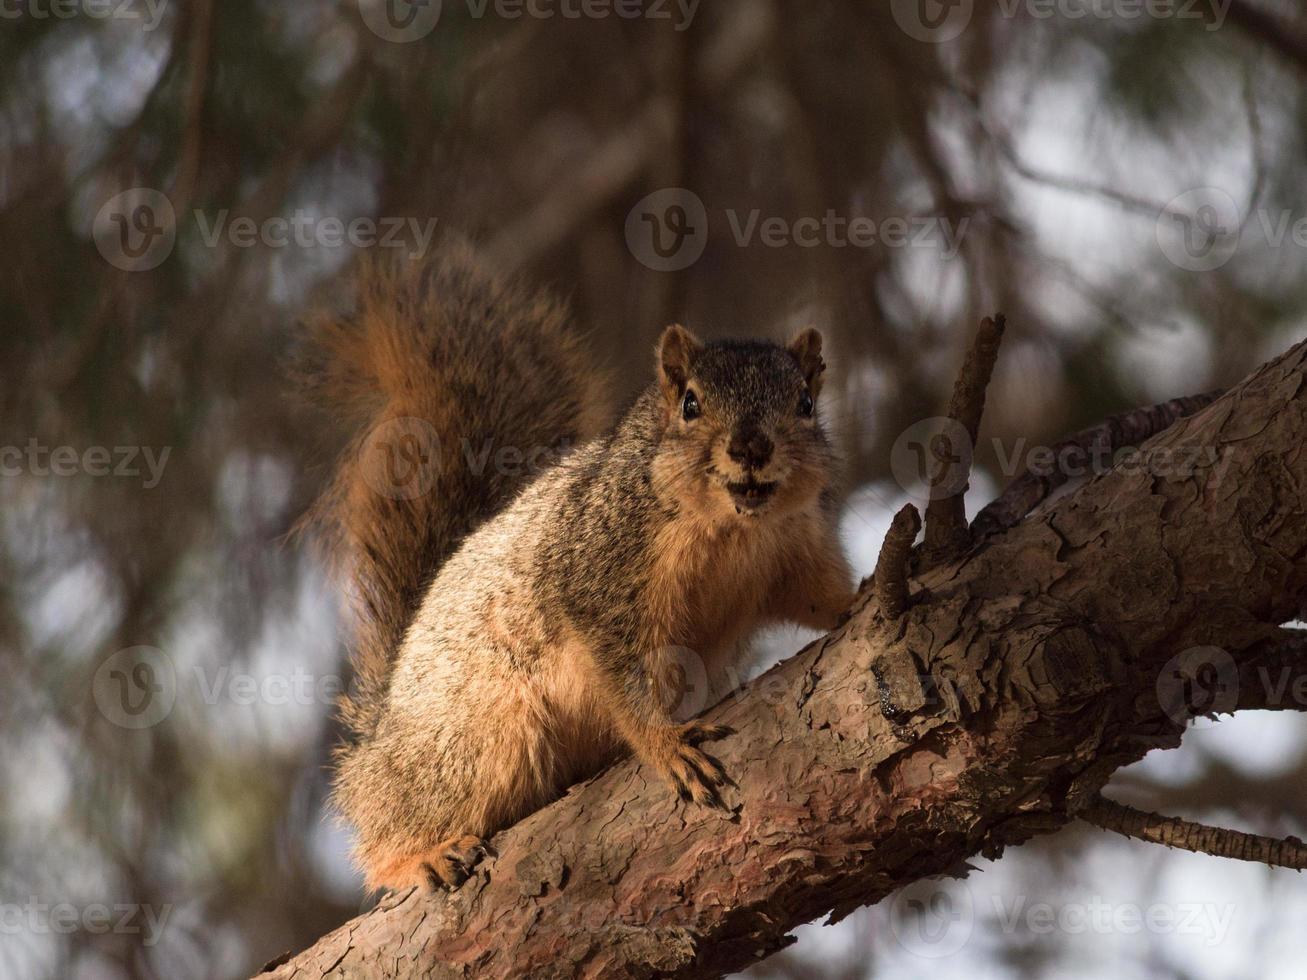 Smiling Squirrel photo